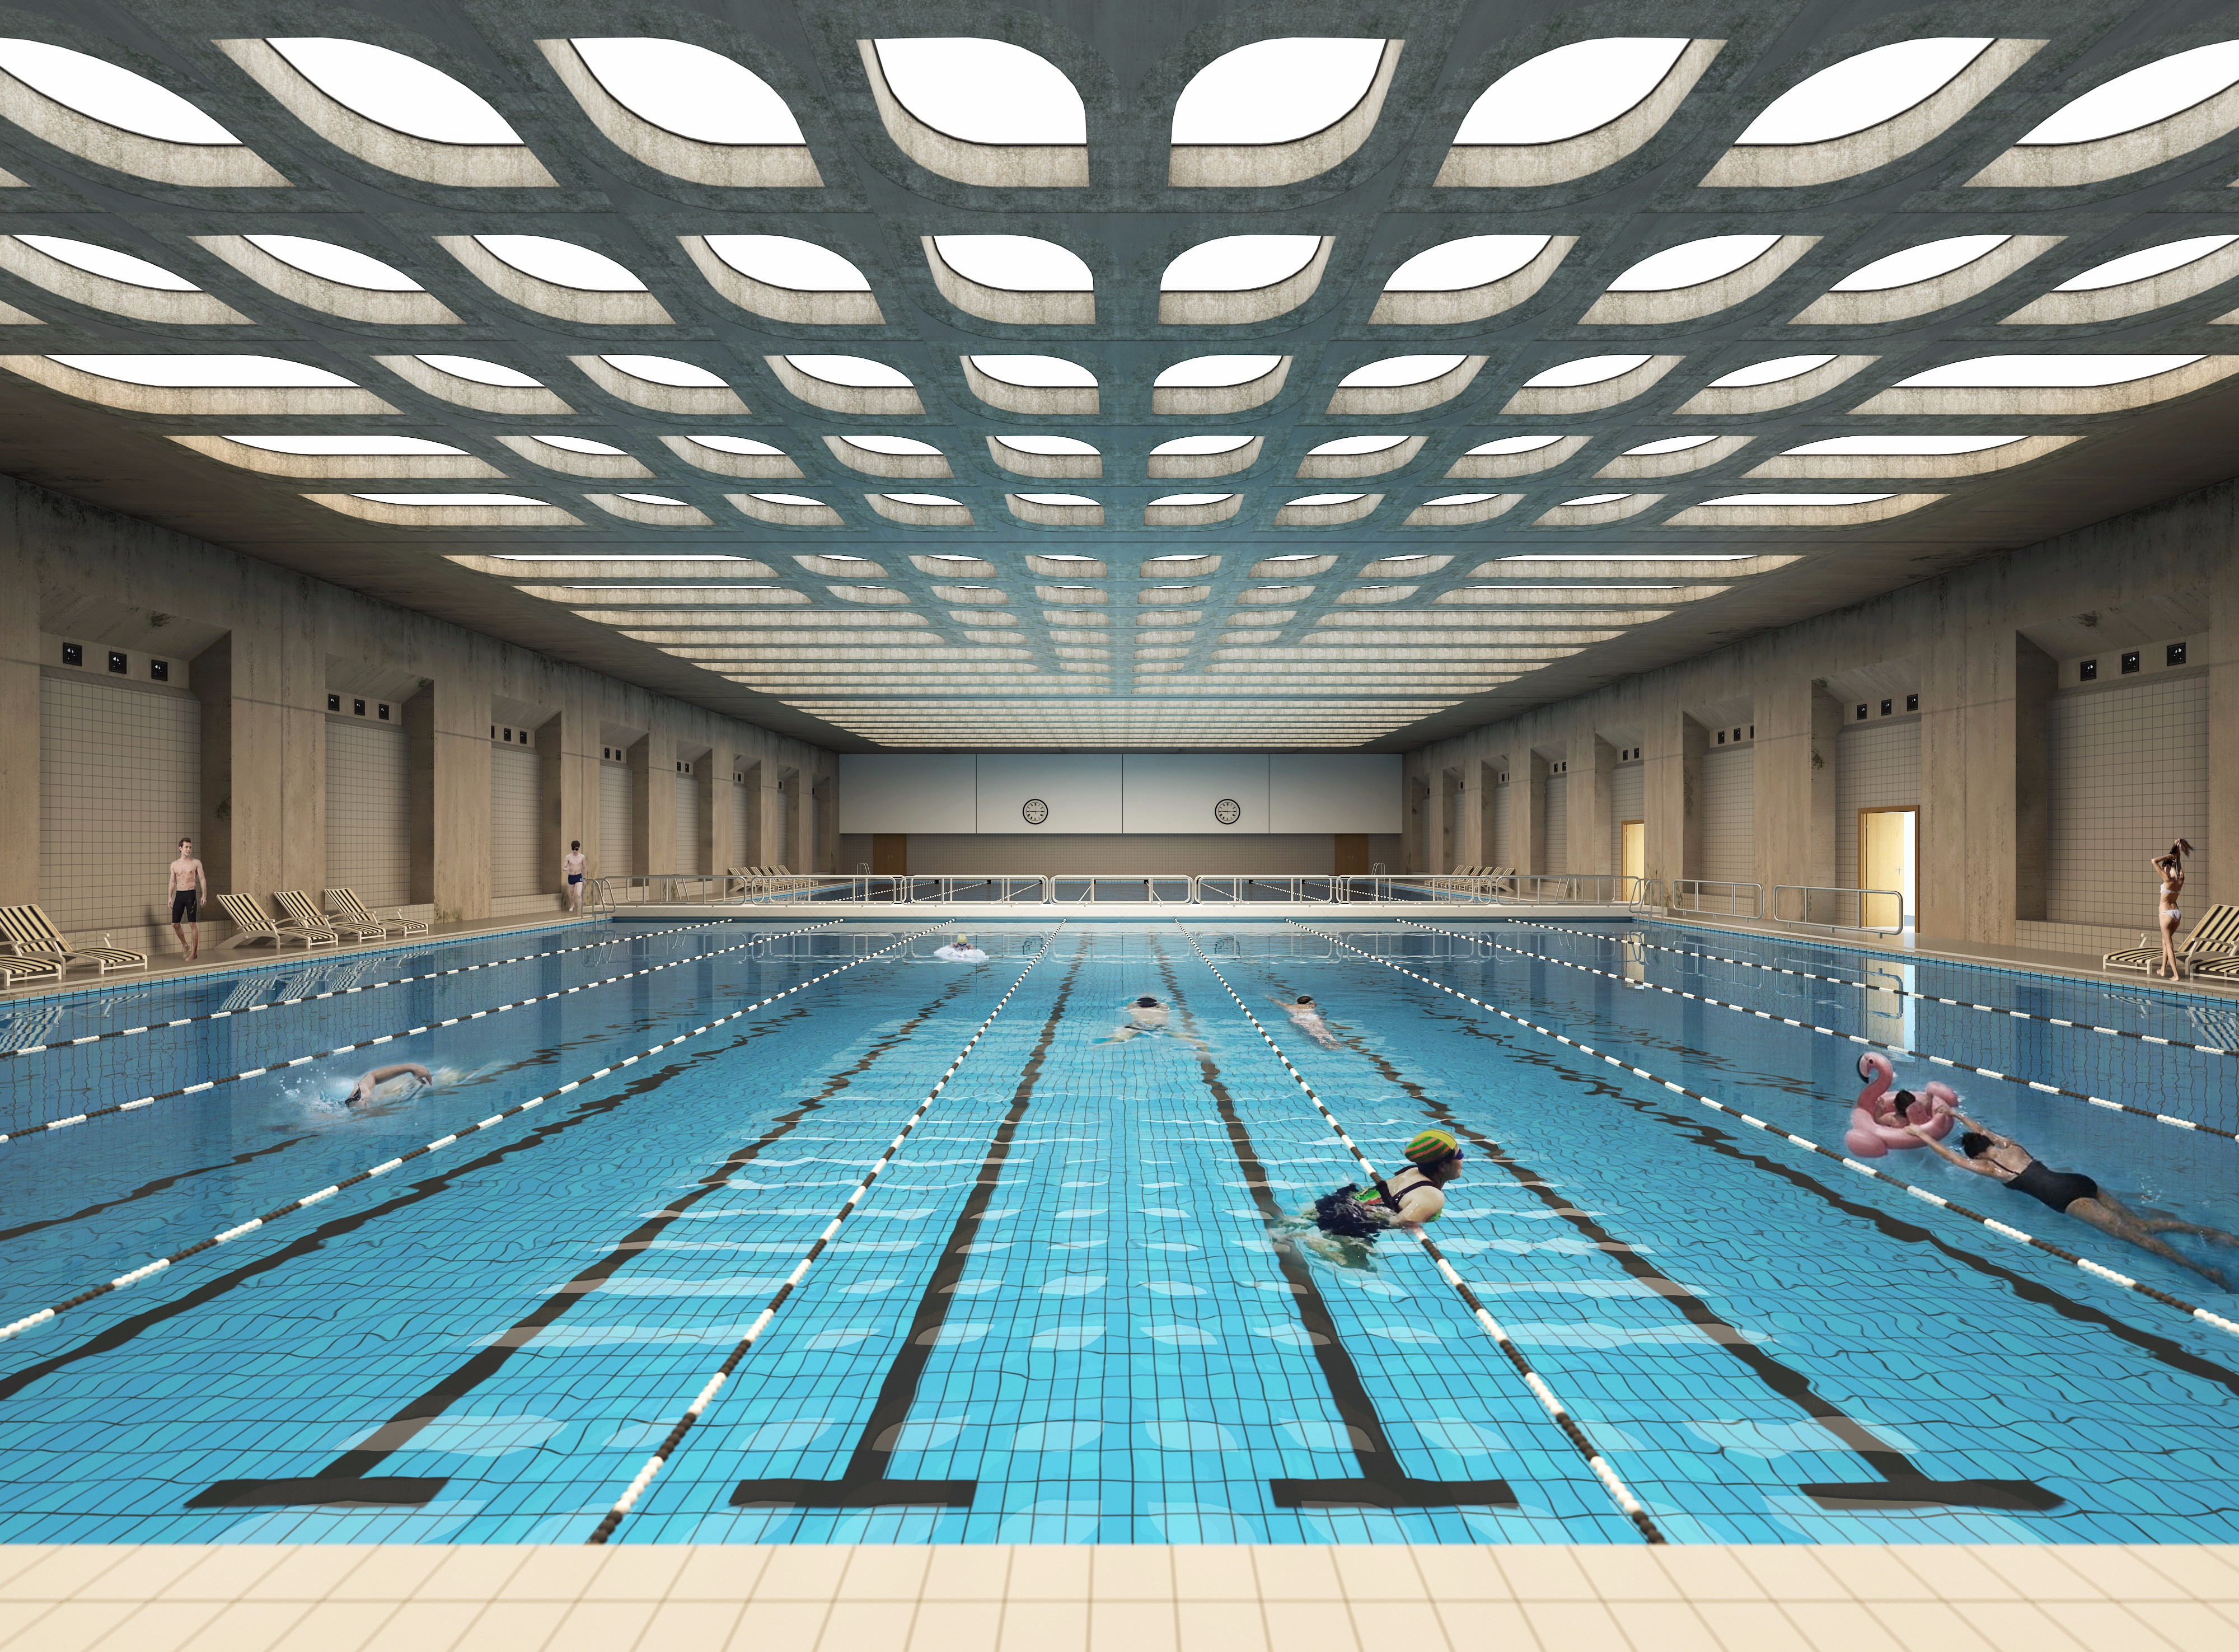 伦敦游泳馆局部临摹 - 效果图交流区-建e室内设计网